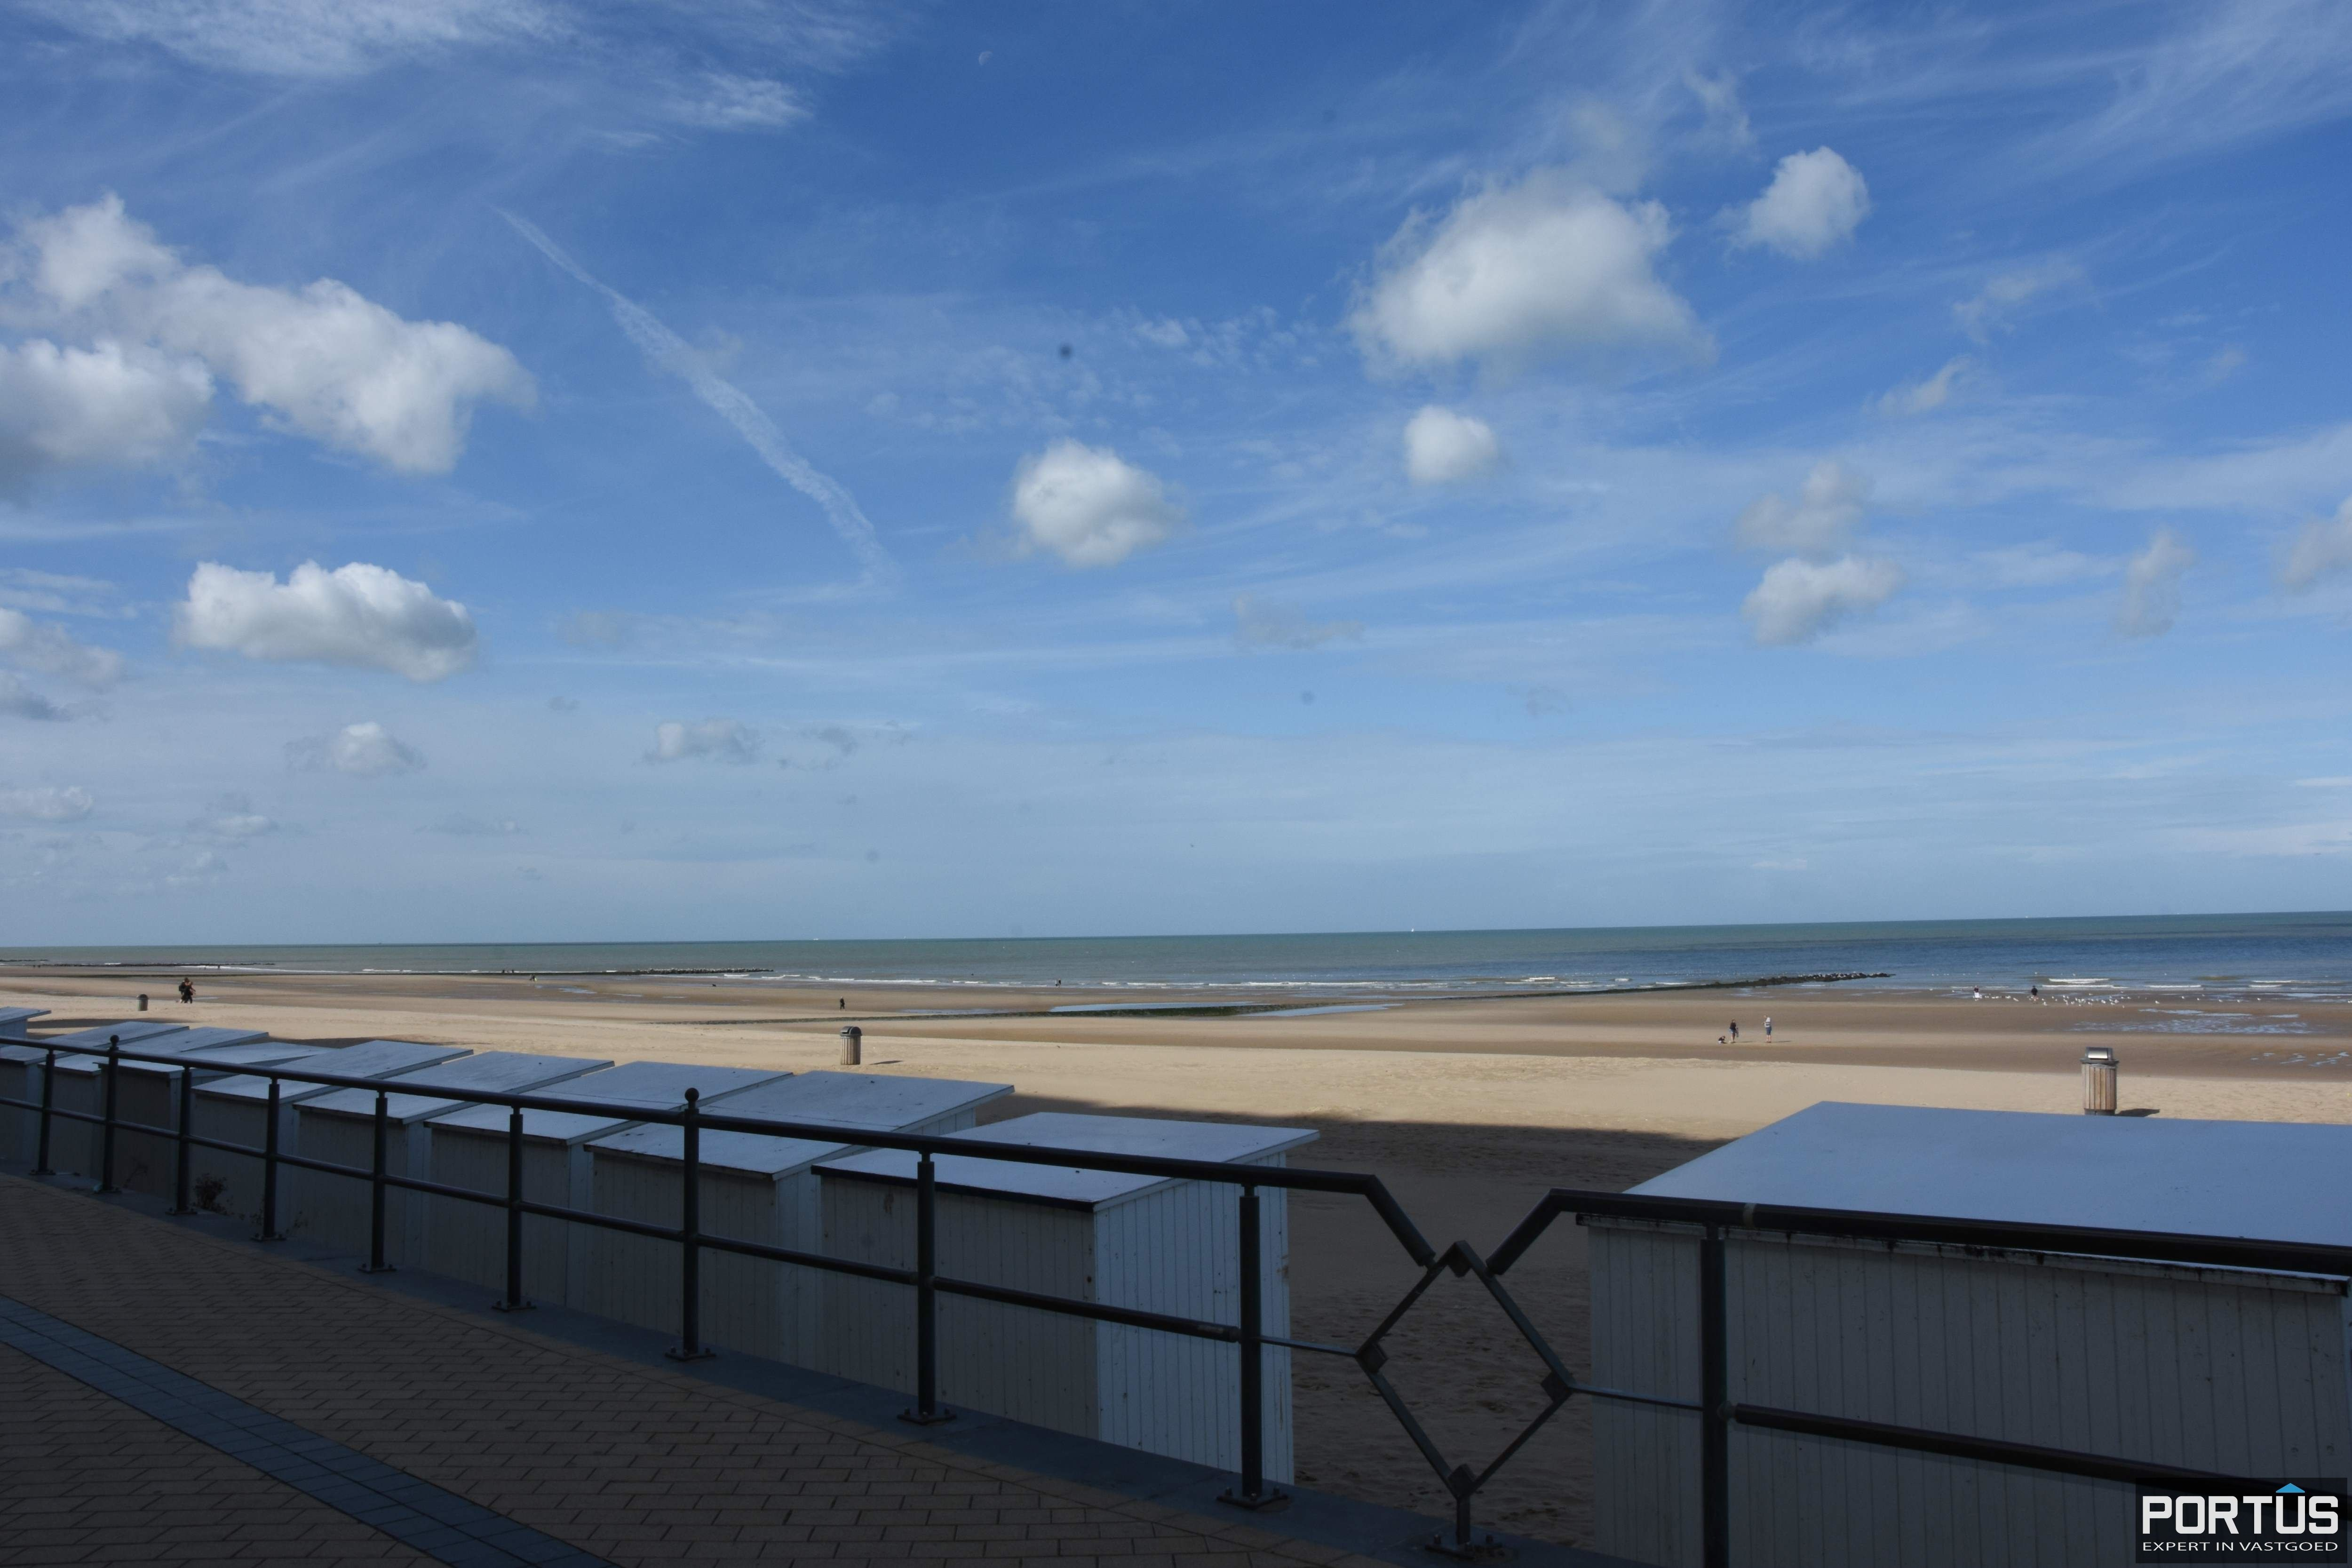 Zeer ruim handelspand te huur op de zeedijk van Middelkerke - 13943